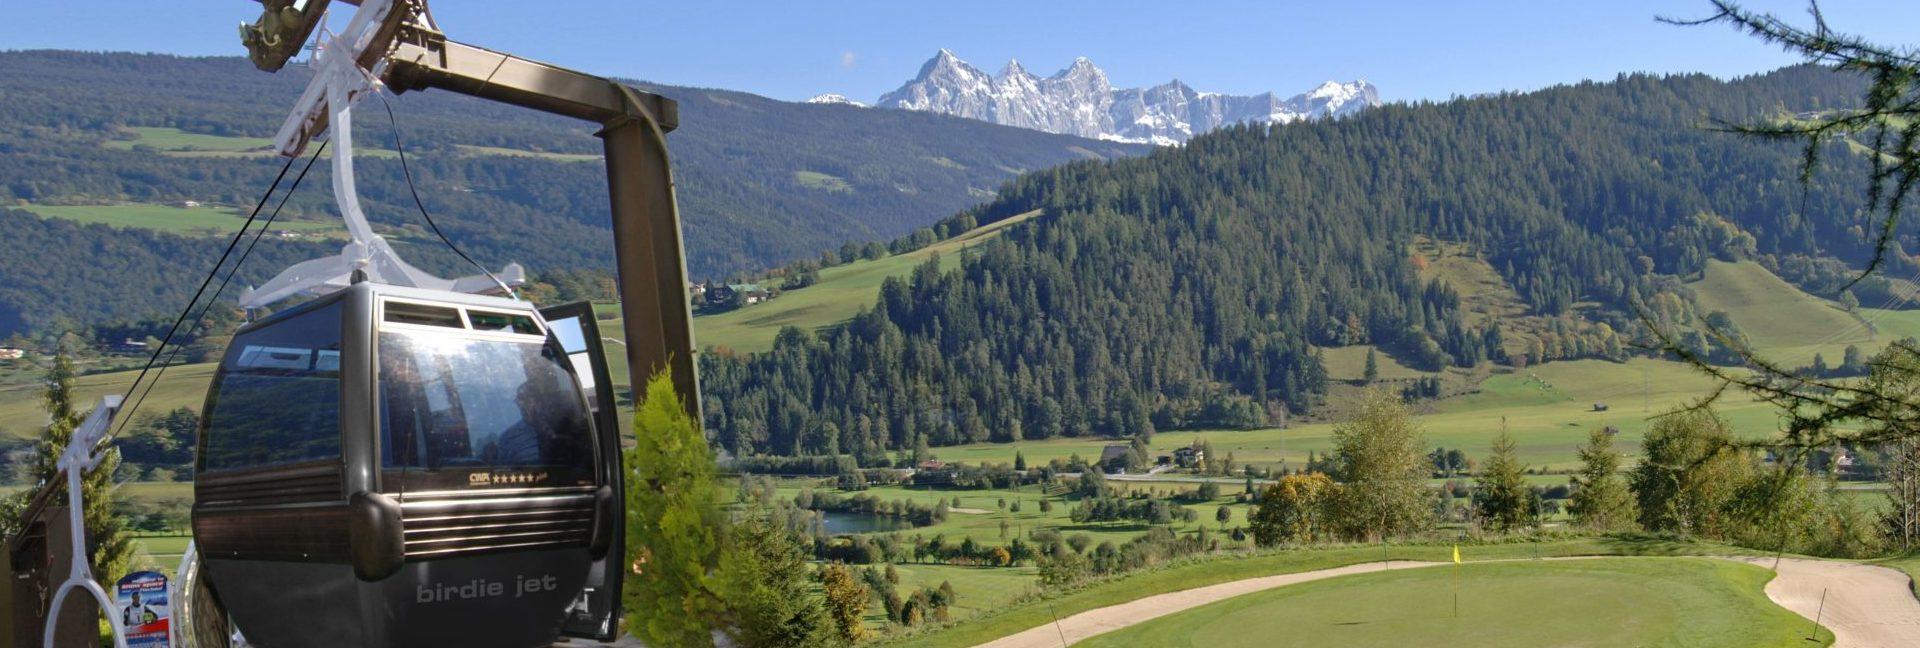 Die Golfanlage in Radstadt mit der Gondelbahn Birdie-Jet, ©Golfclub Radstadt